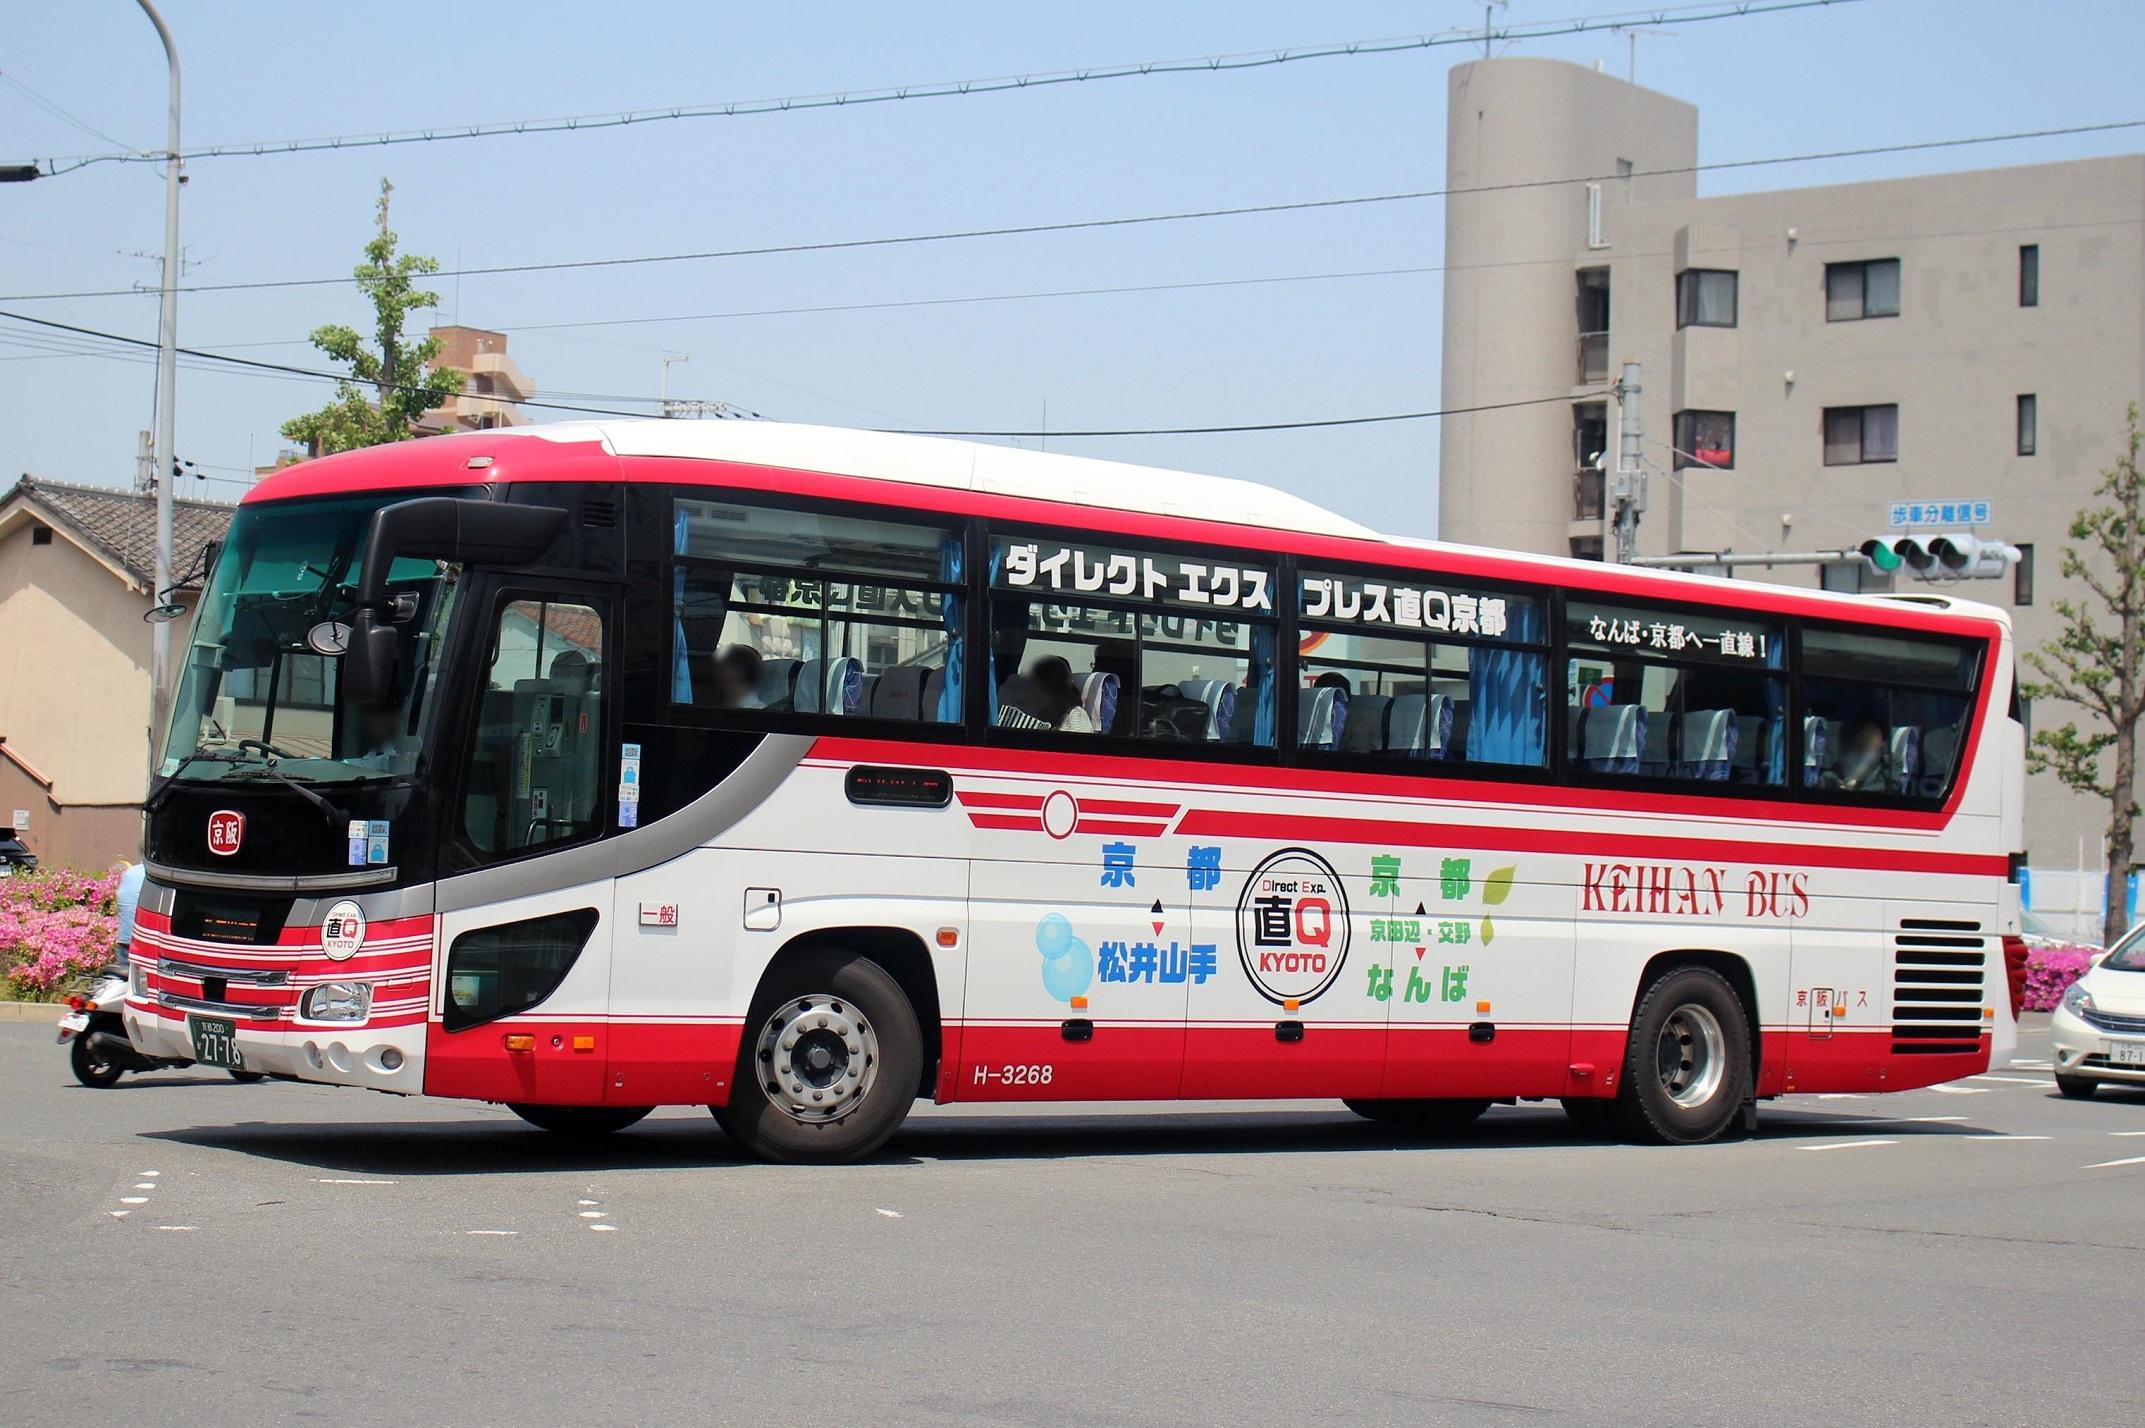 京阪バス H-3268